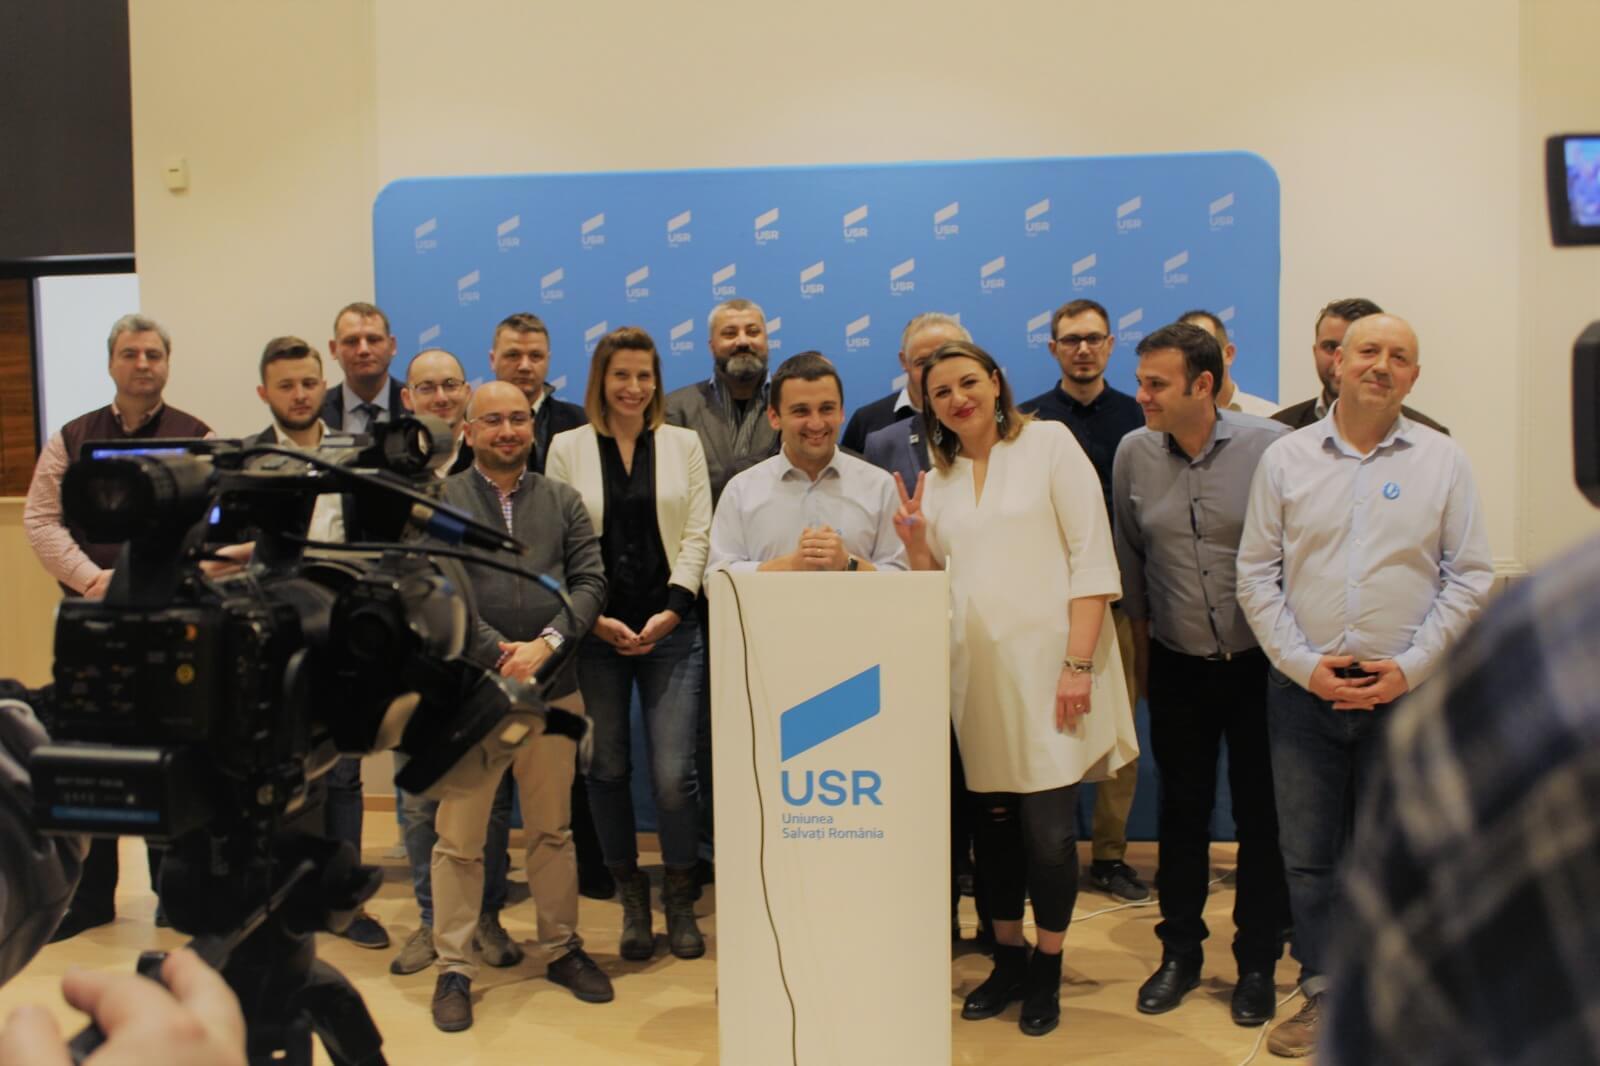 USR Timiș l-a desemnat pe Cristian Moș candidat la președinția Consiliului Județean și a definitivat lista de candidați pentru Consiliul Județean Timiș